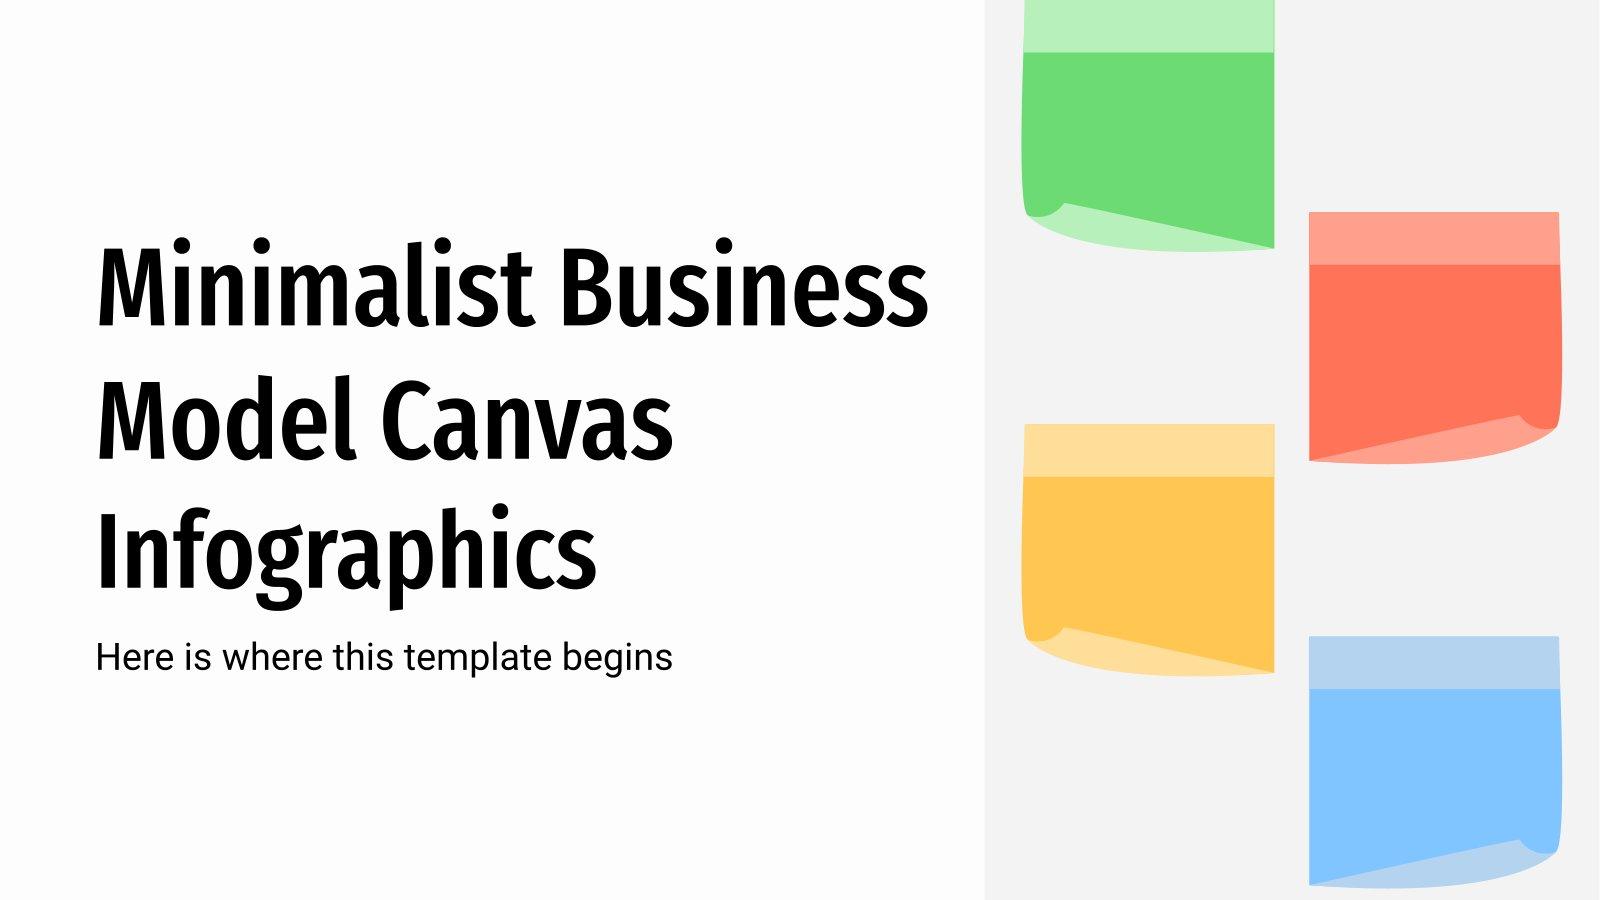 Modelo de apresentação Infográficos minimalistas de modelos de negócios